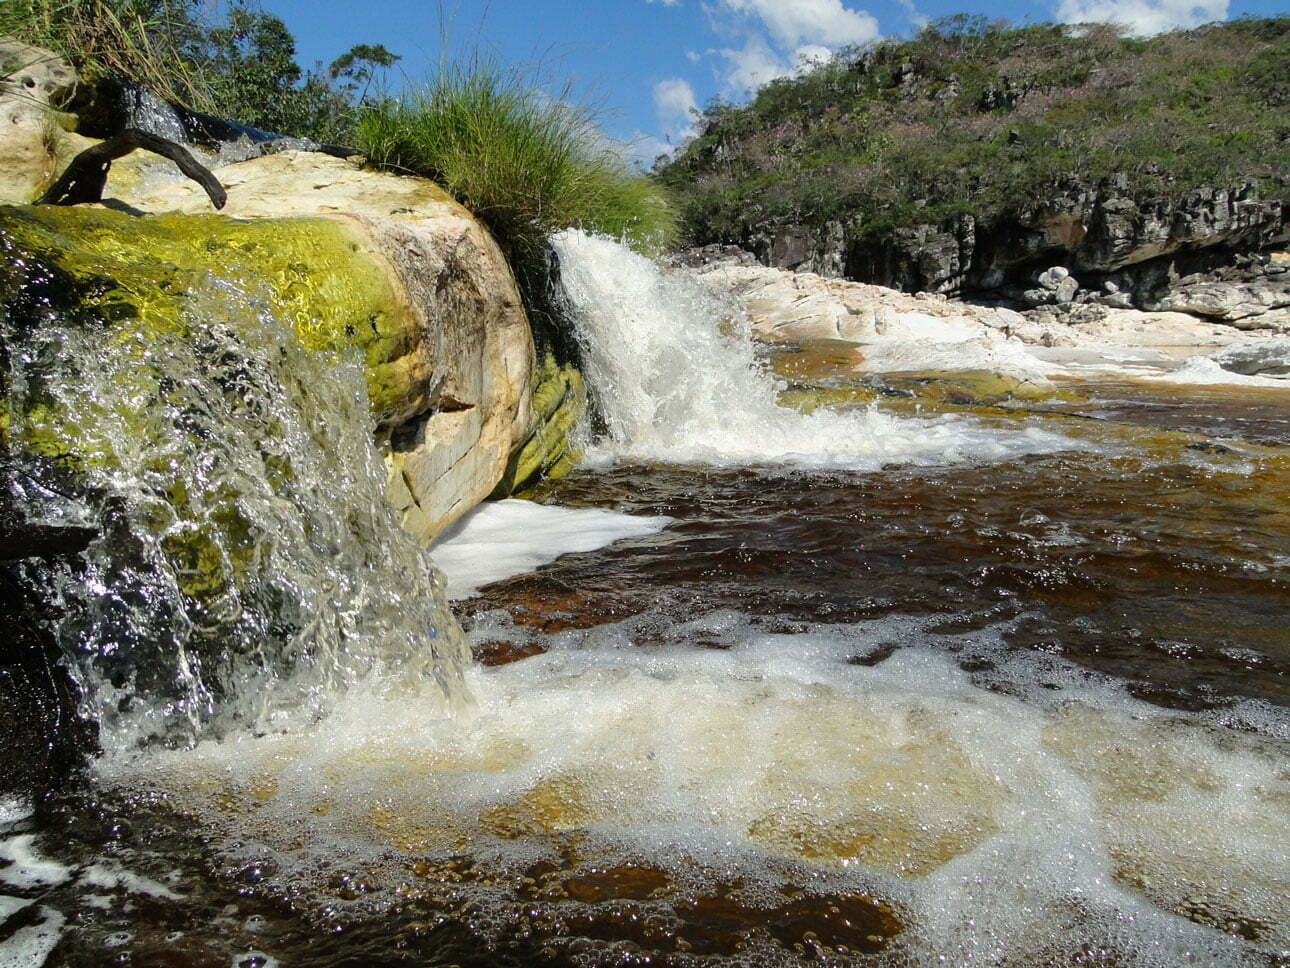 Lei do Snuc, imagem do Parque-Nacional-das-Sempre-Vivas